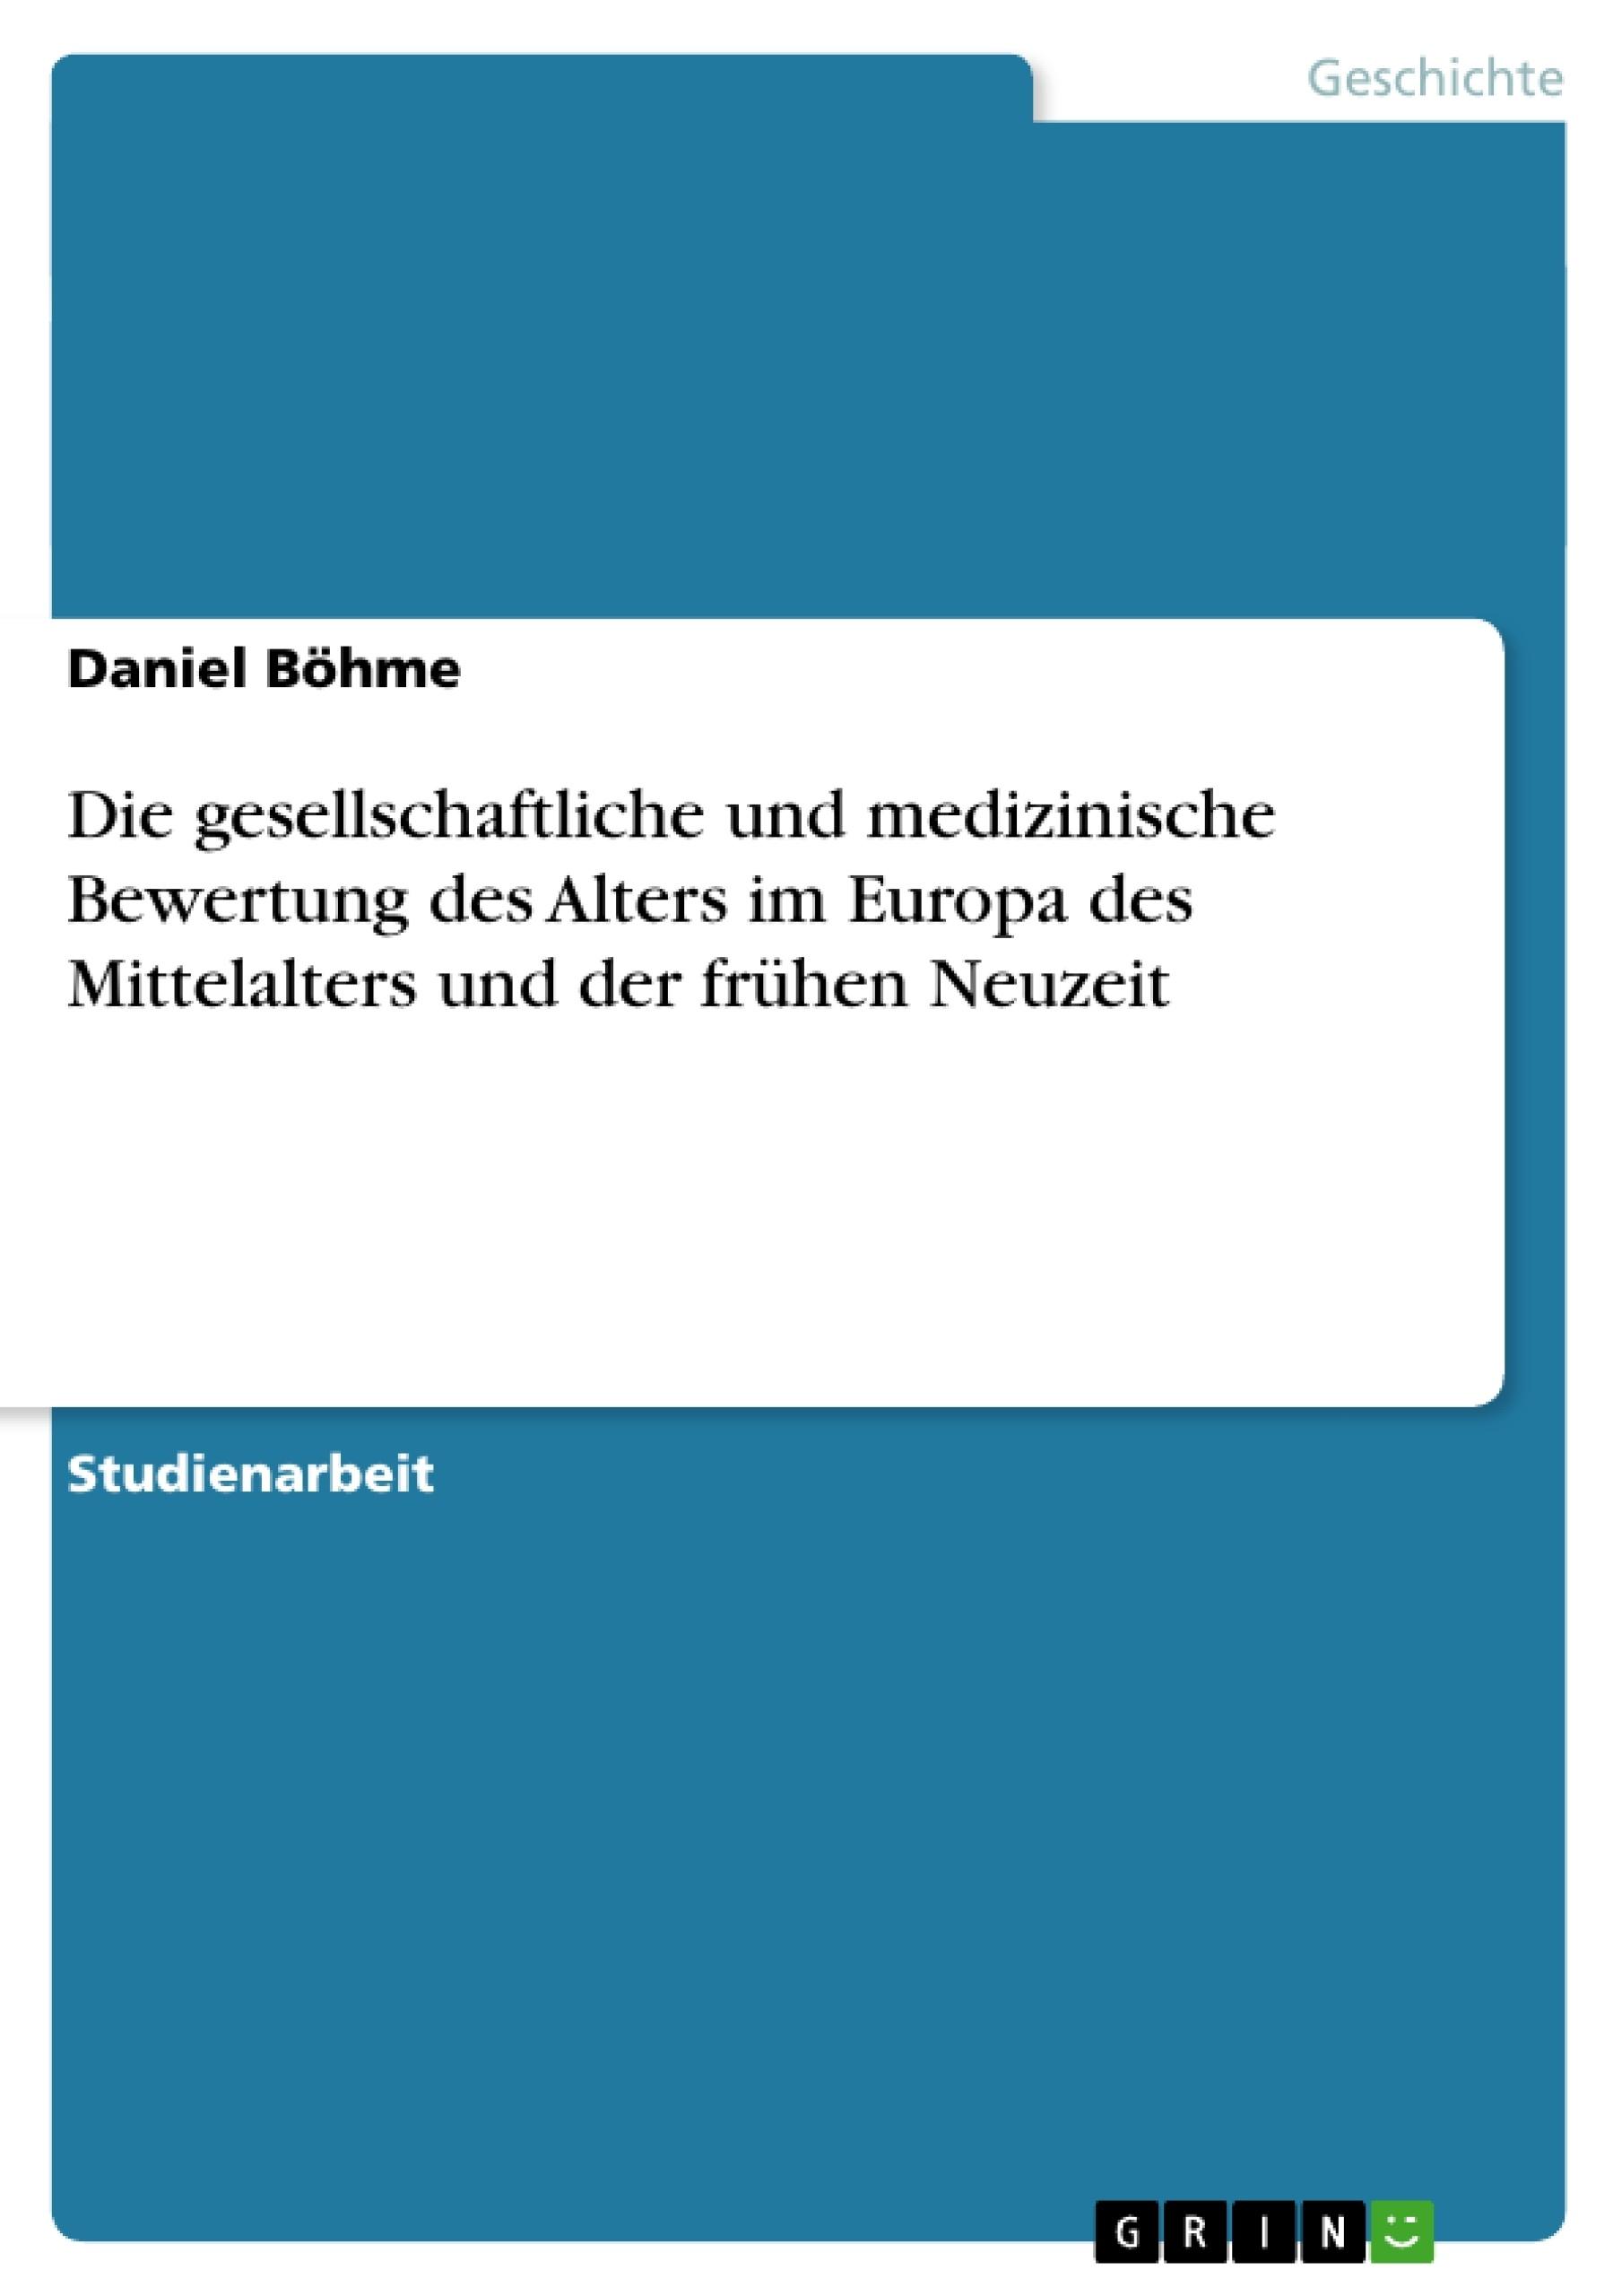 Titel: Die gesellschaftliche und medizinische Bewertung des Alters im Europa des Mittelalters und der frühen Neuzeit